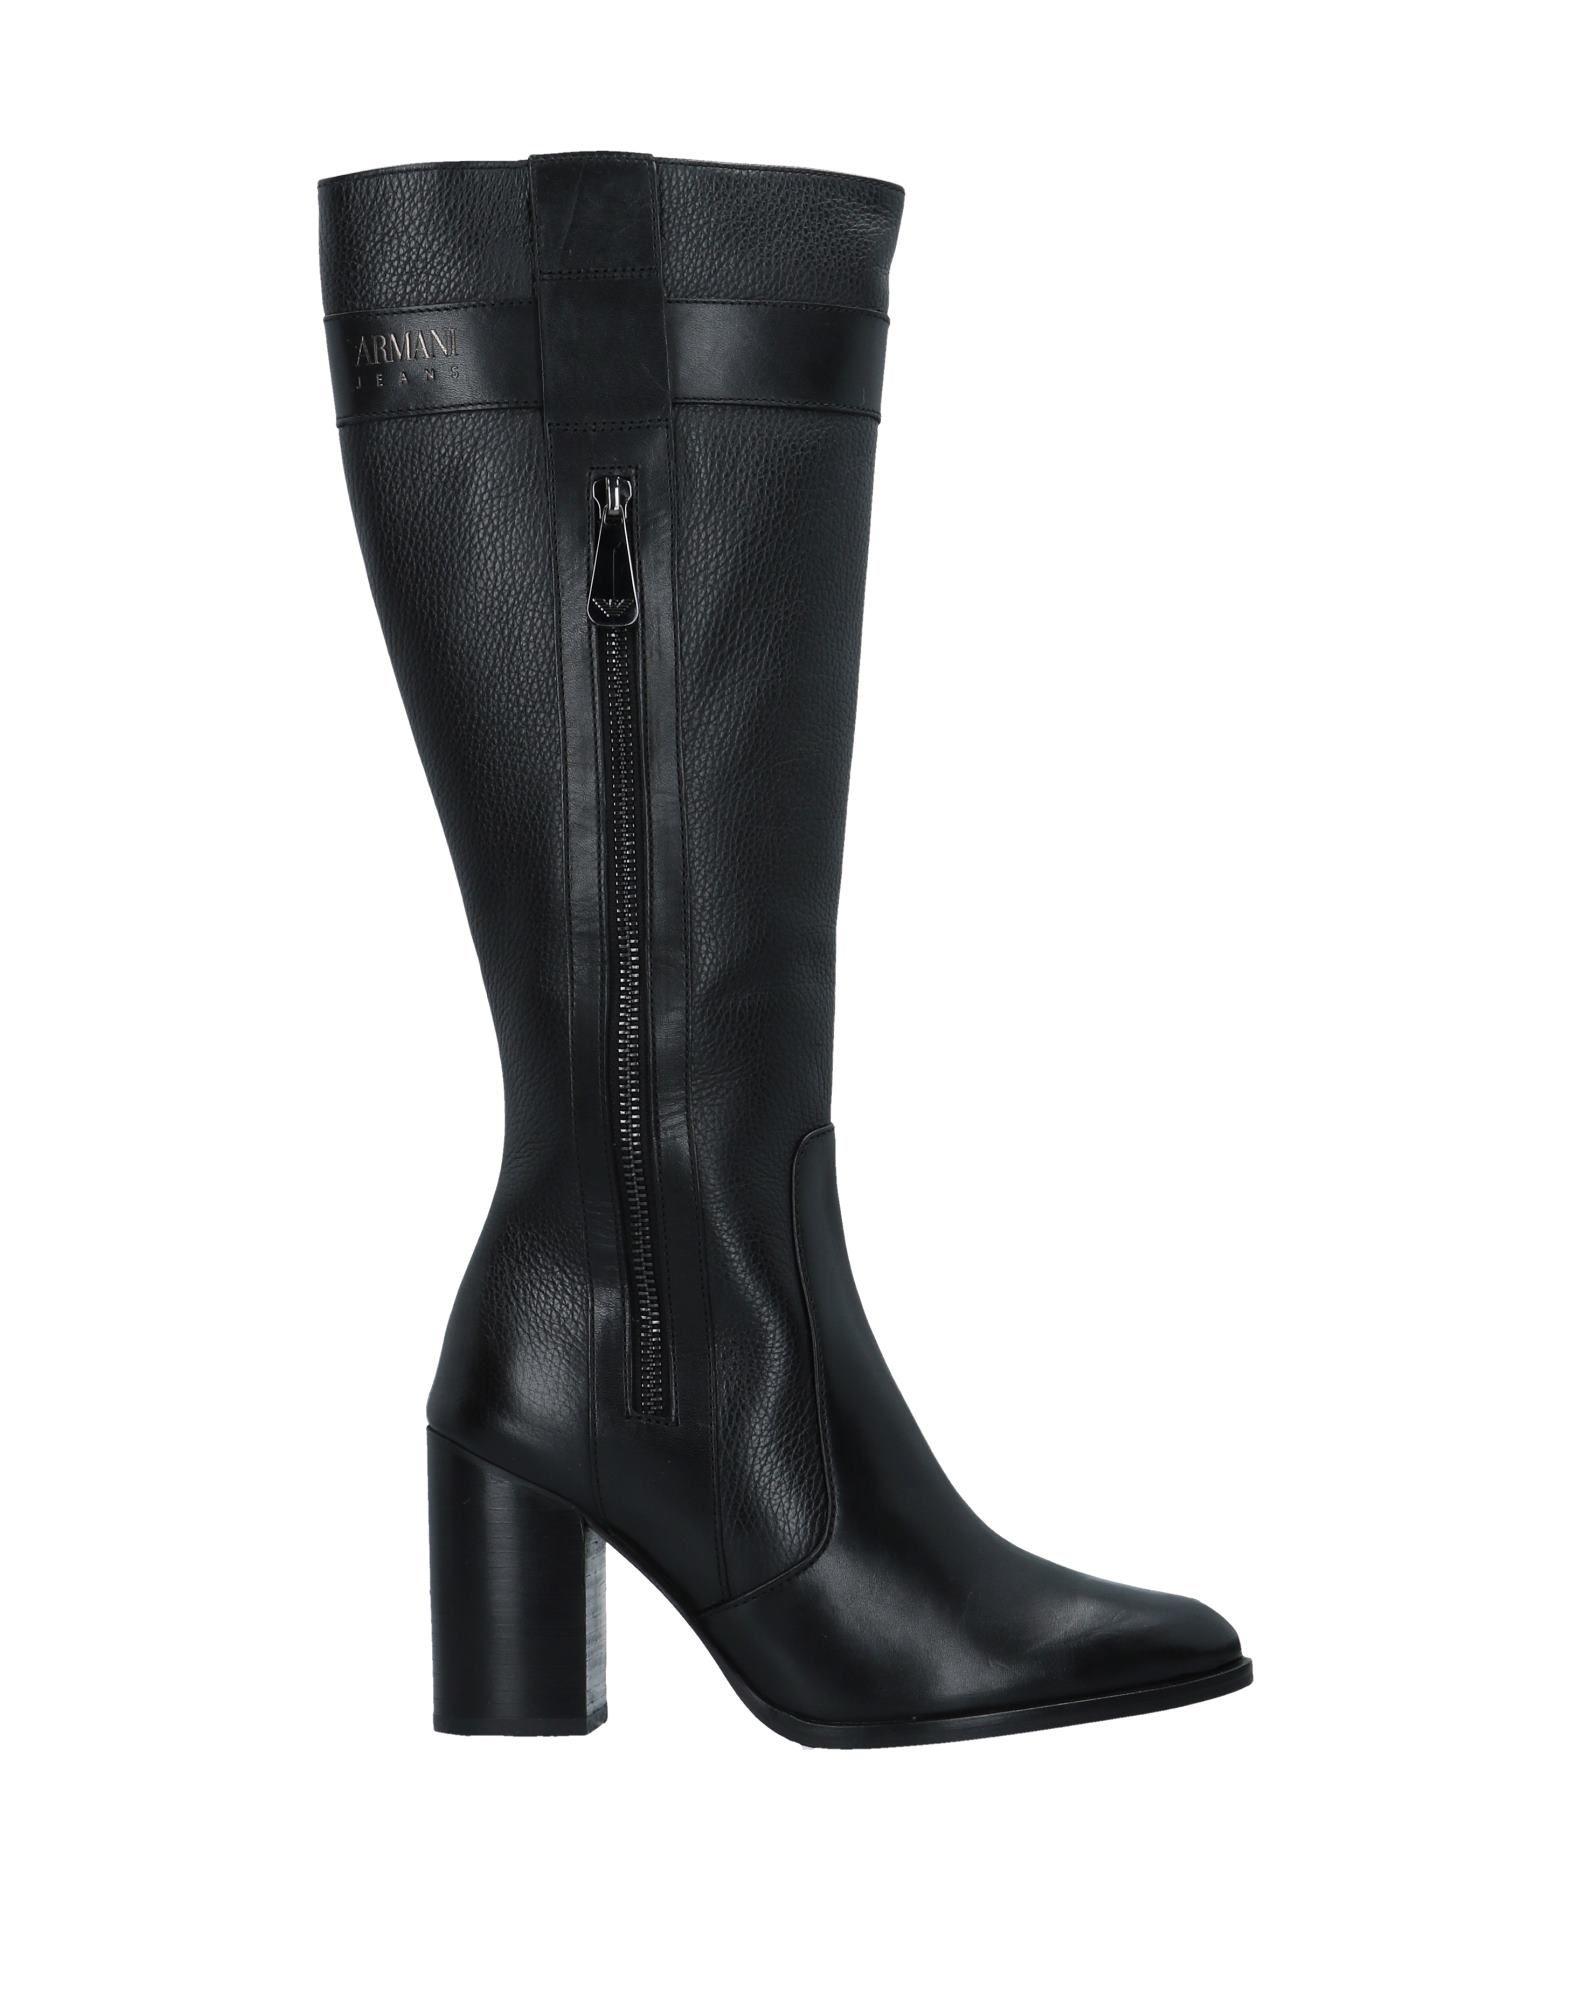 Stivali Armani Jeans Donna - 11538236HJ